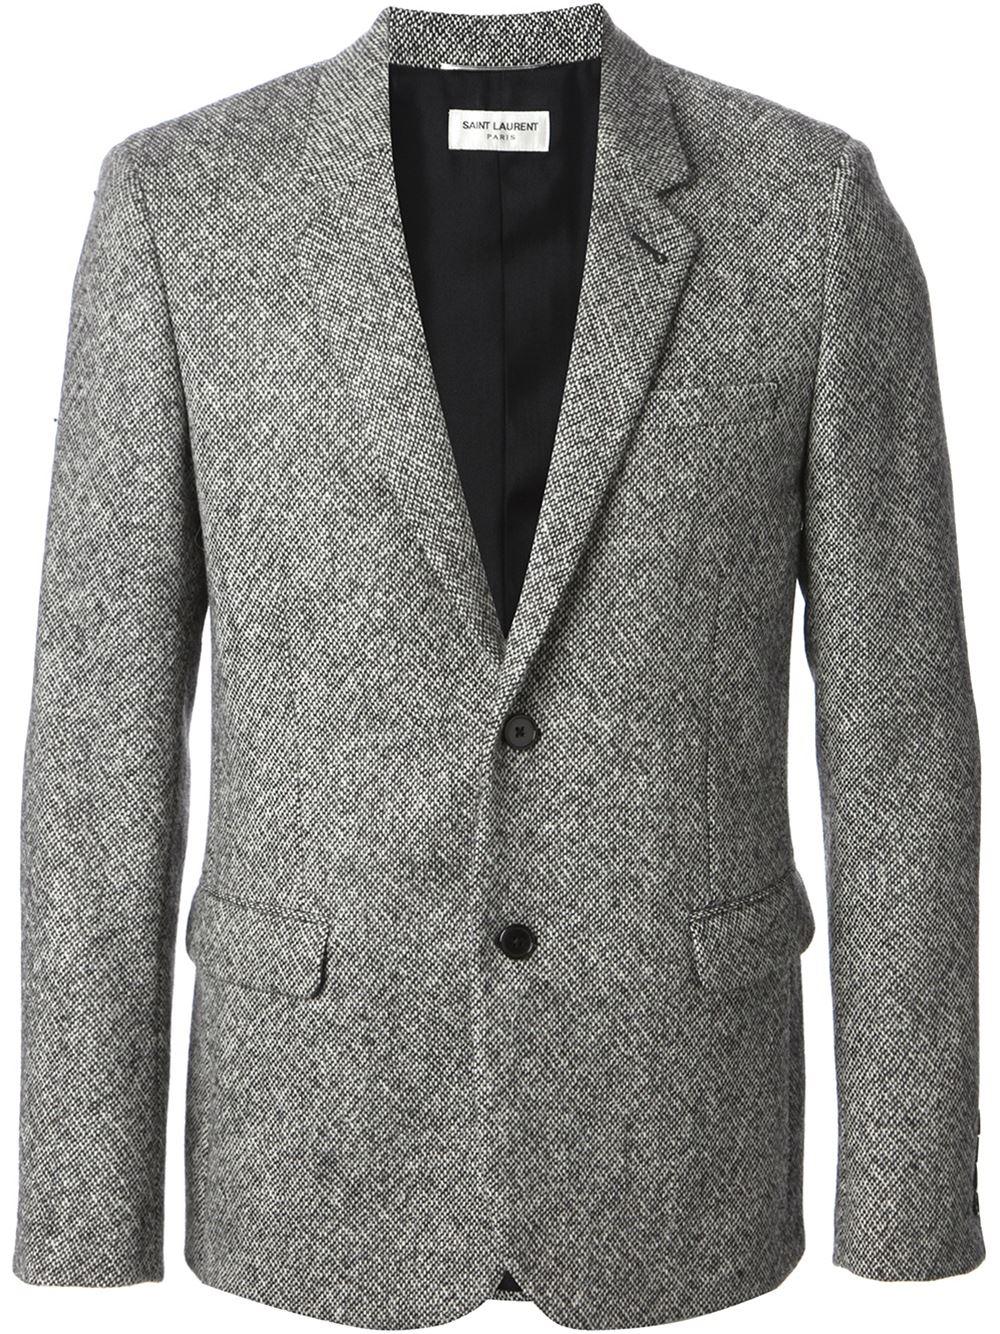 Saint laurent Tweed Blazer in Gray for Men | Lyst